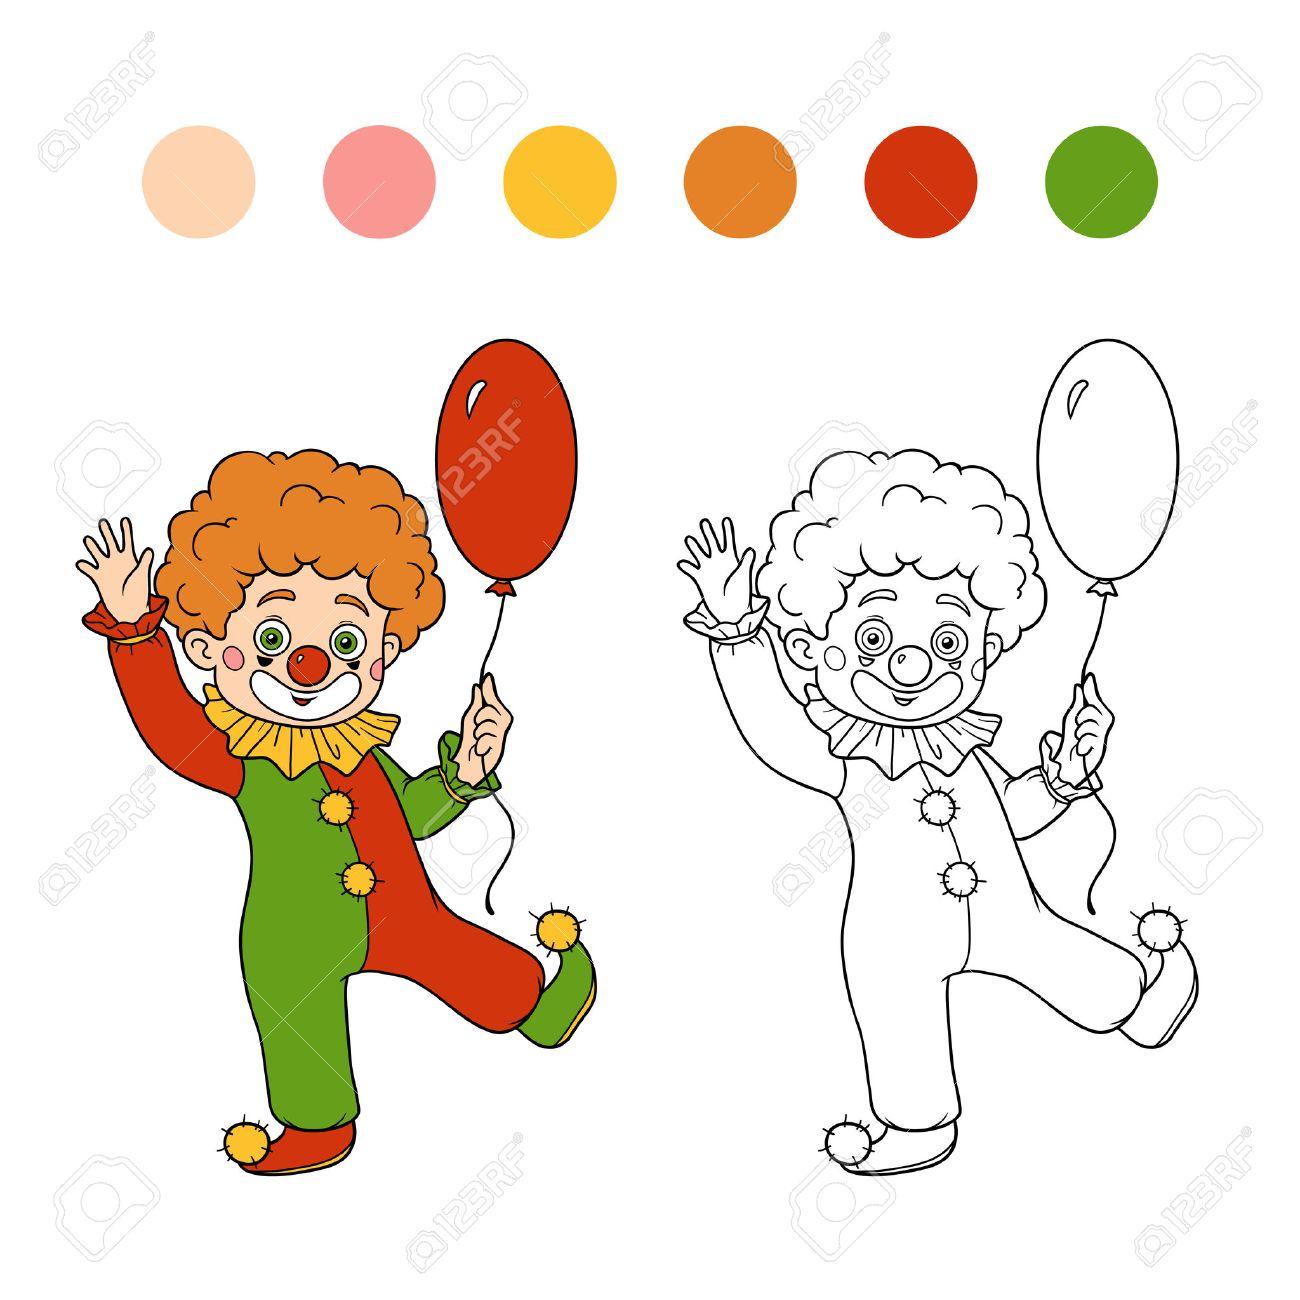 子供のための塗り絵 ハロウィン文字 ピエロと風船のイラスト素材